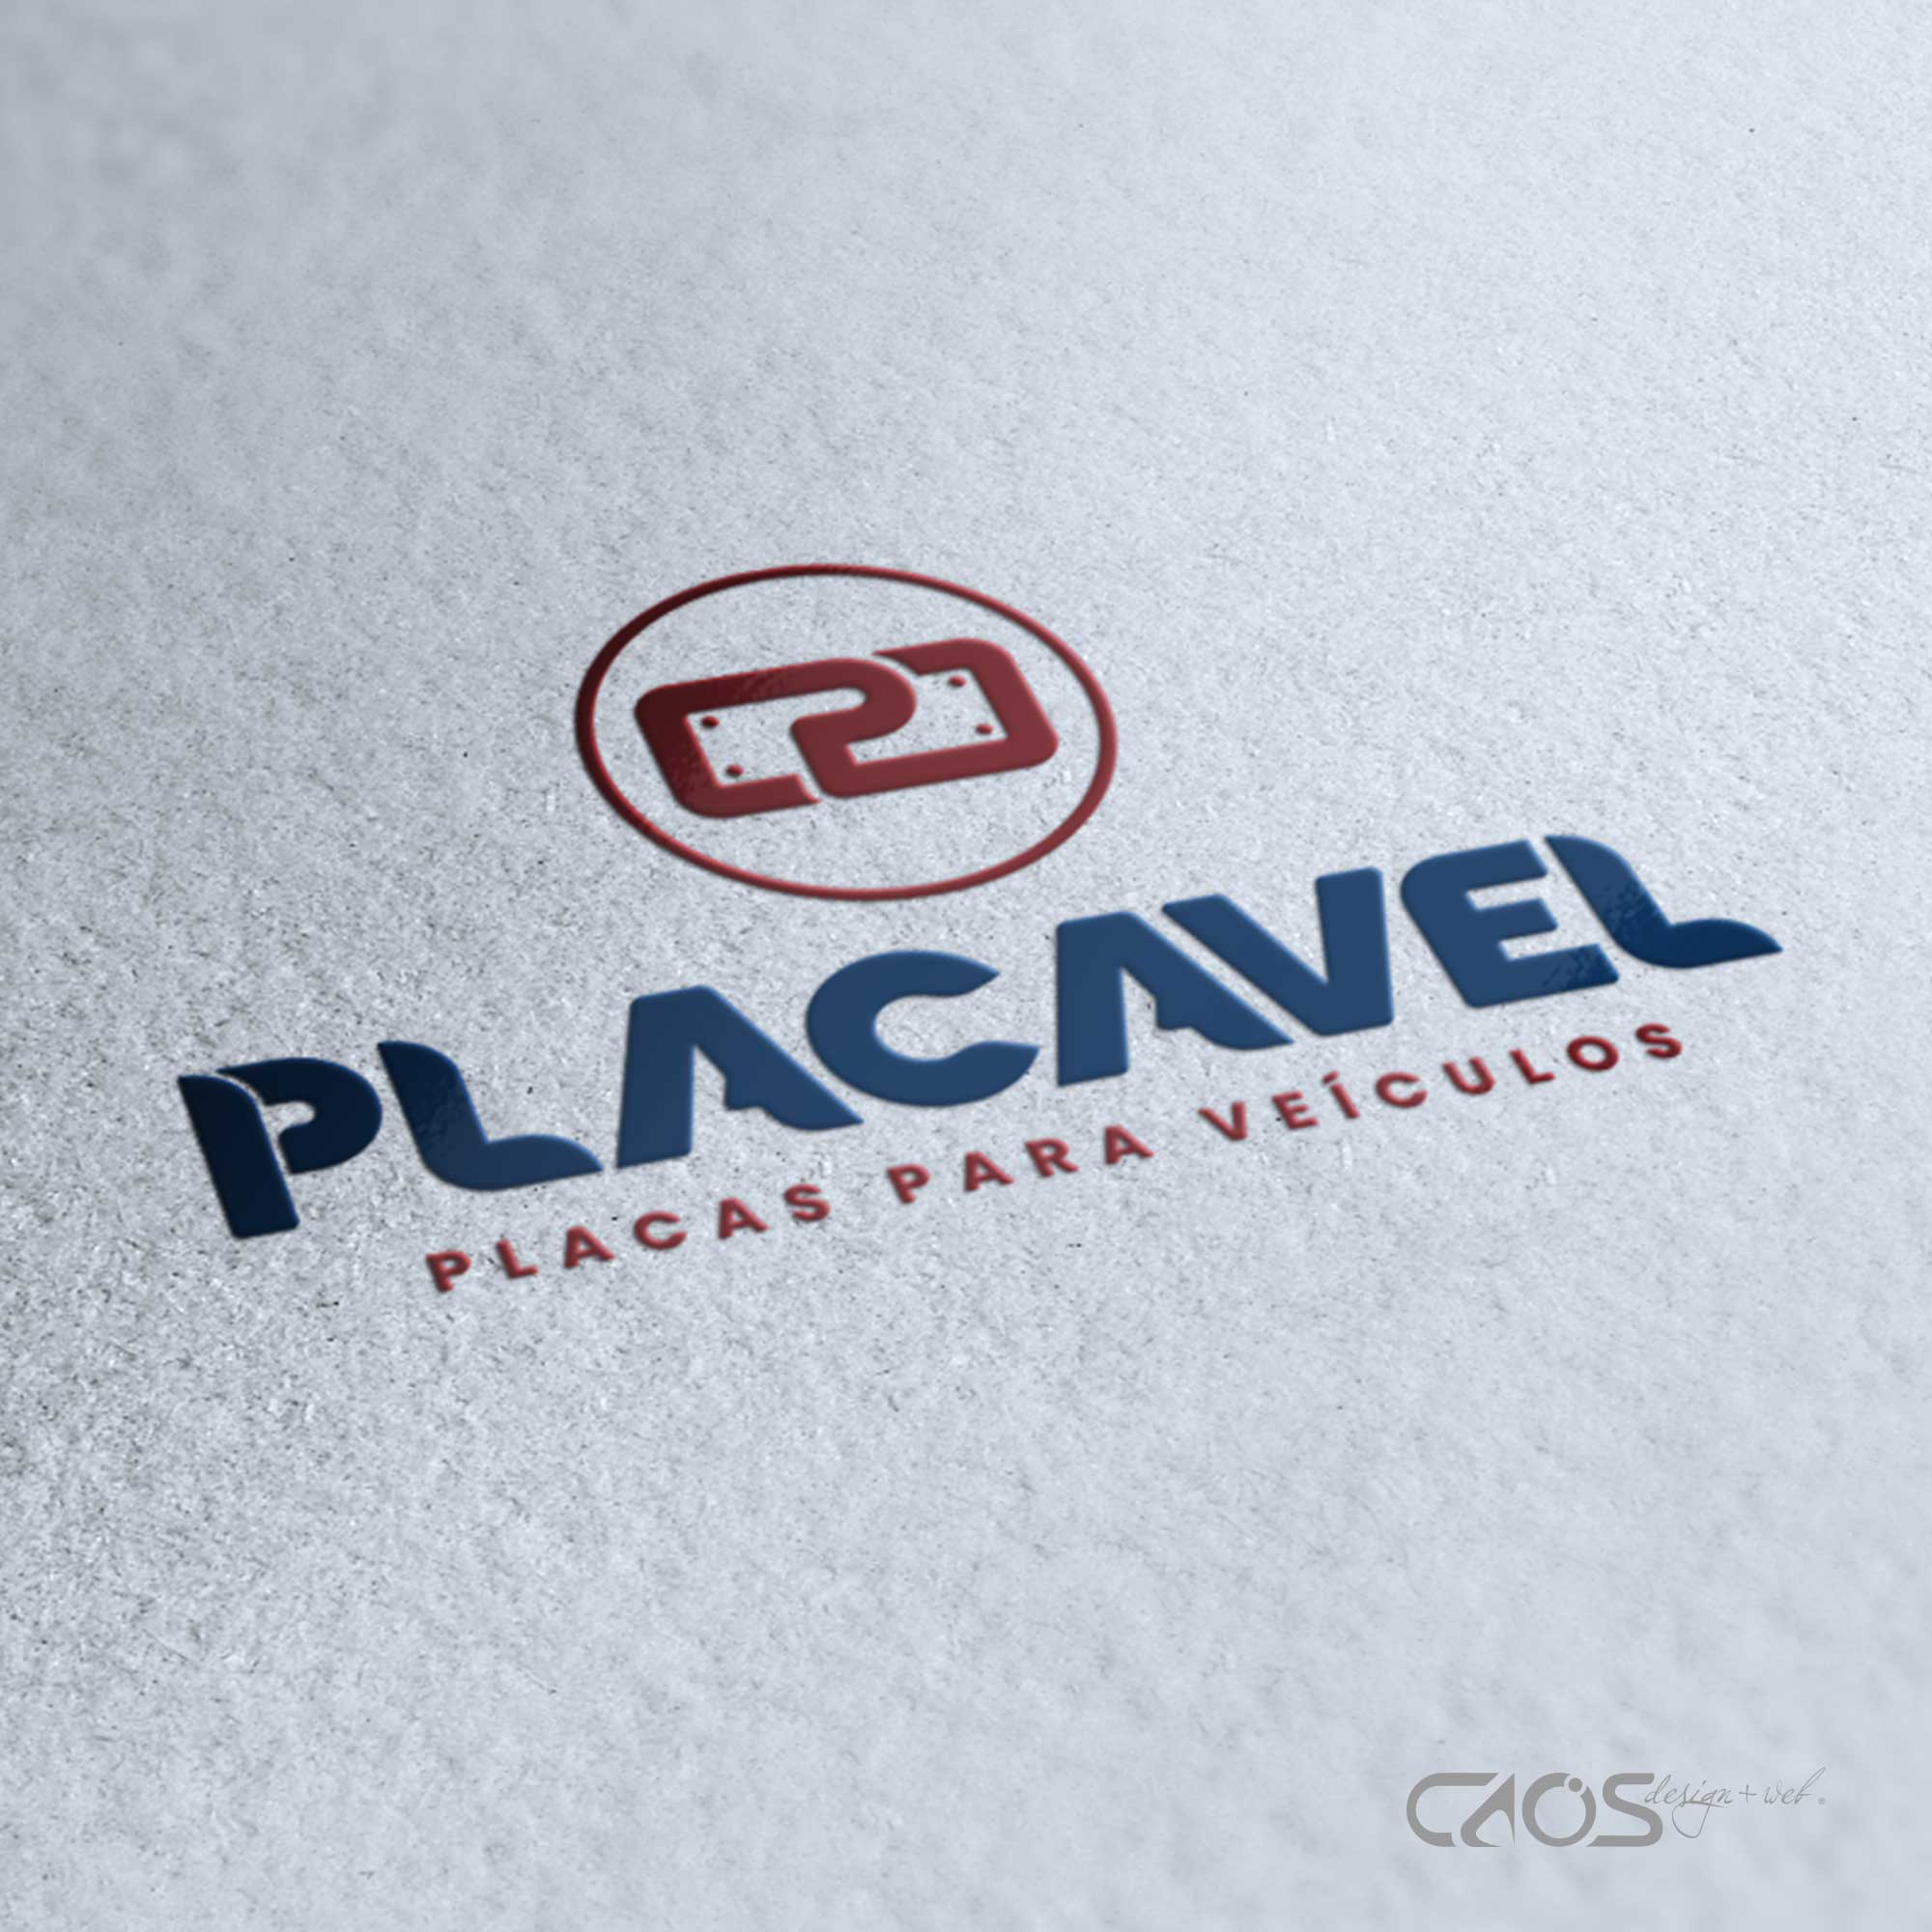 PLACAVEL PLACAS PARA VEÍCULOS CASCAVEL